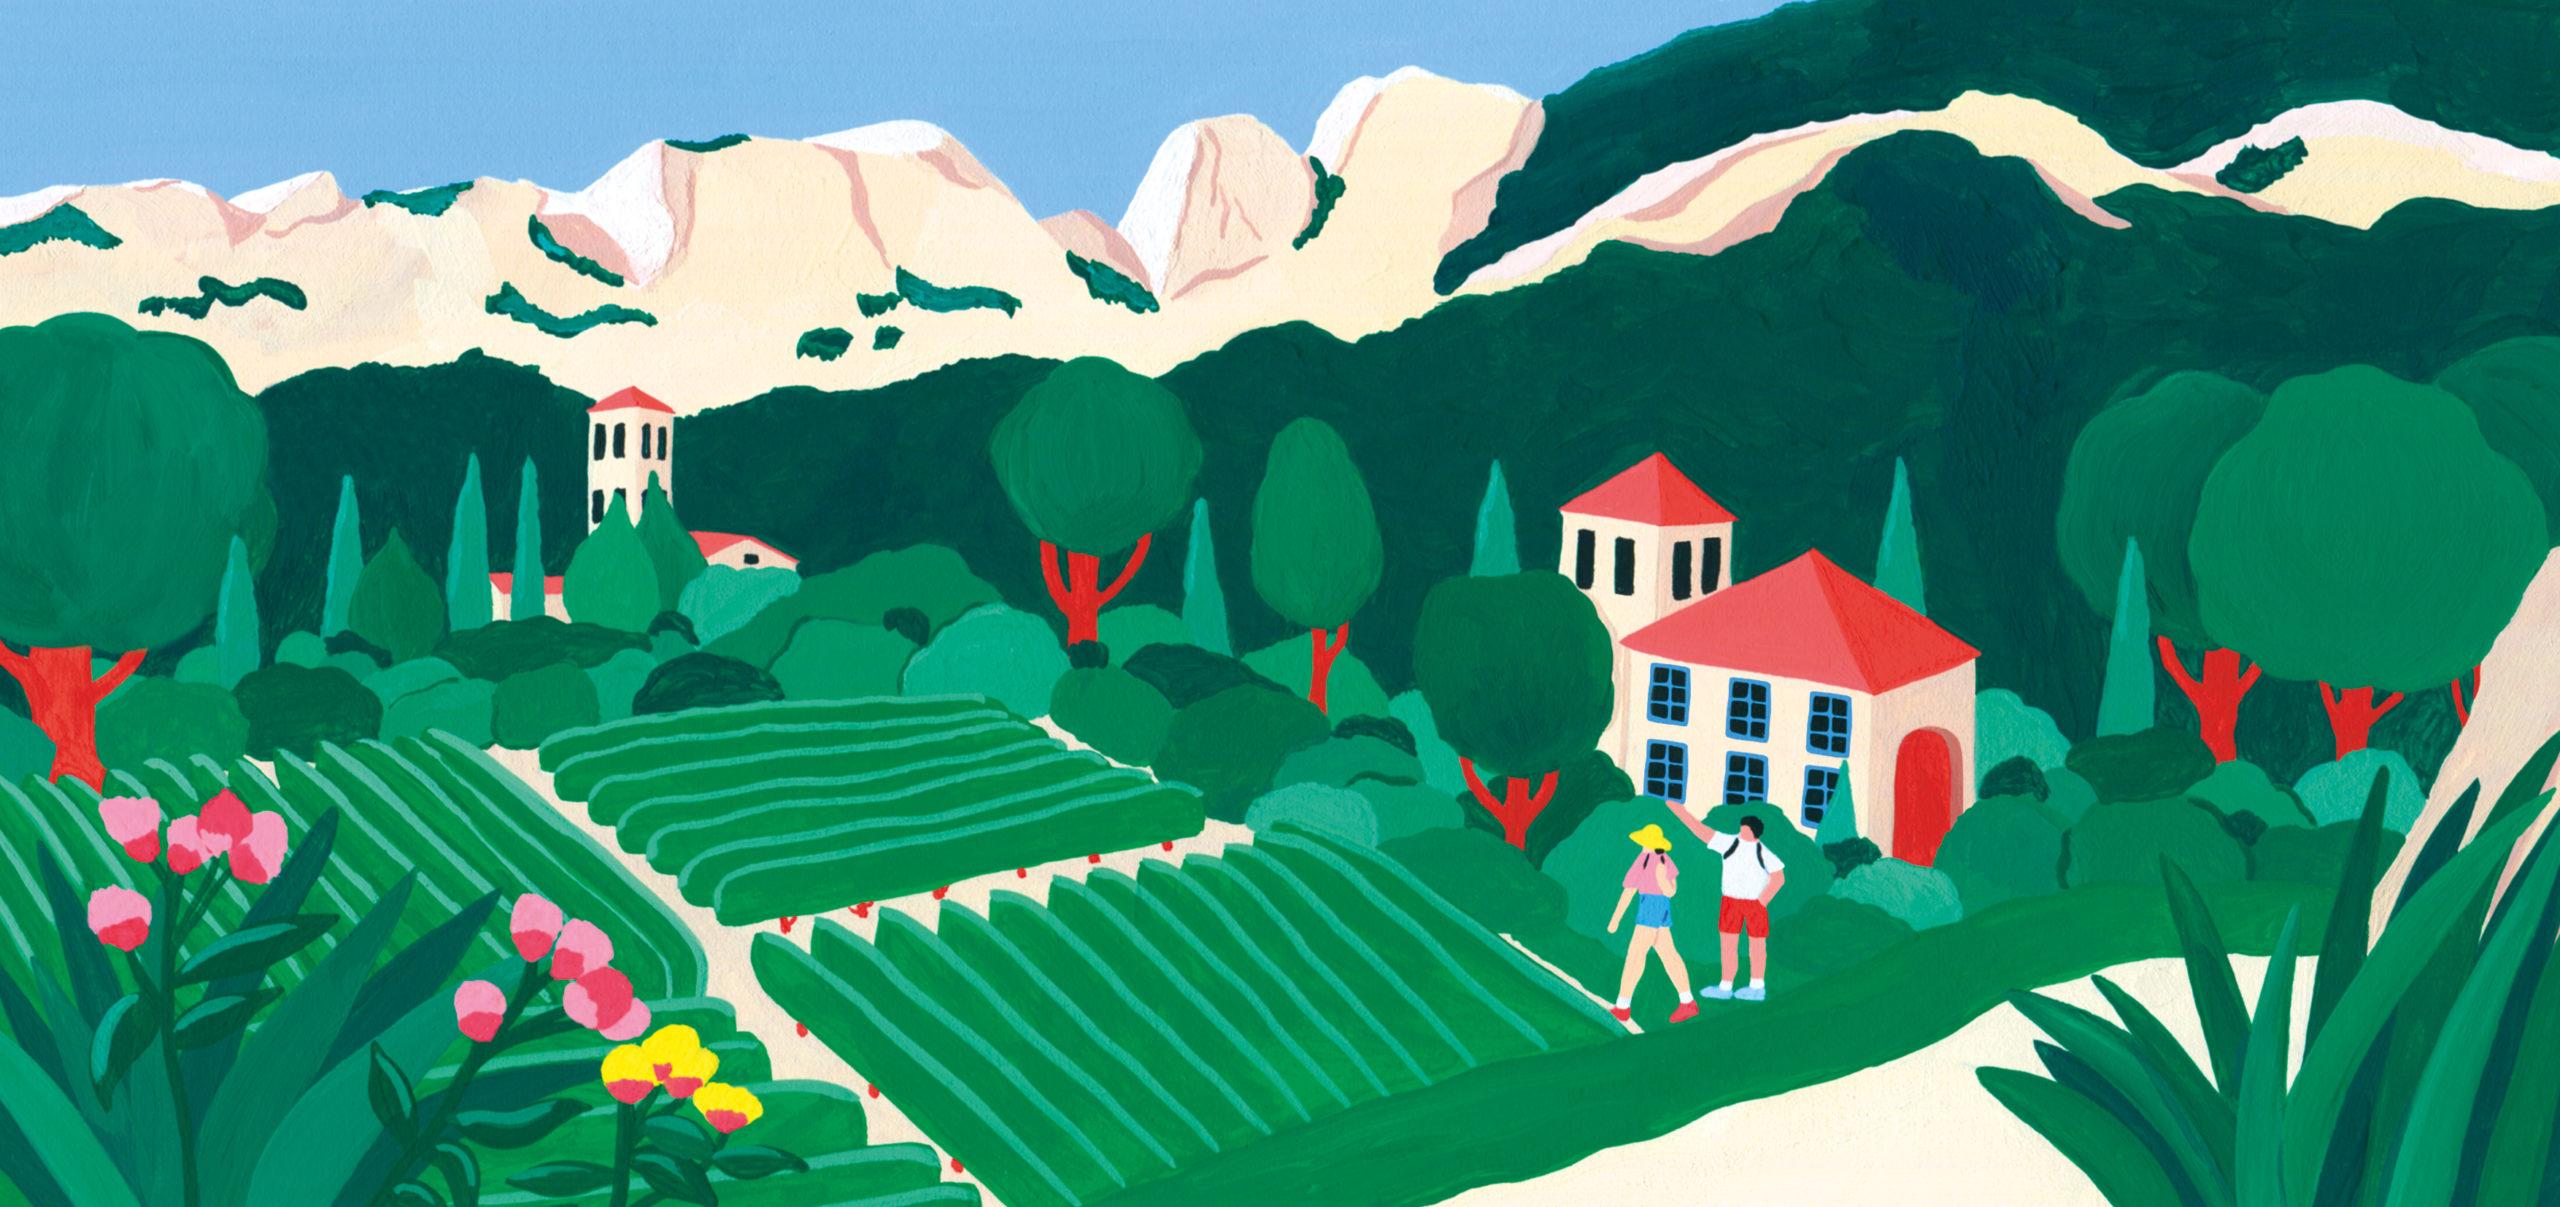 Marie-pellet-illustrations-portfolio-gouache-illustration-communication-édition-Hello-merci-vignes-vignobles-france-Dentelle de Montmiraille-vacances-été-découverte